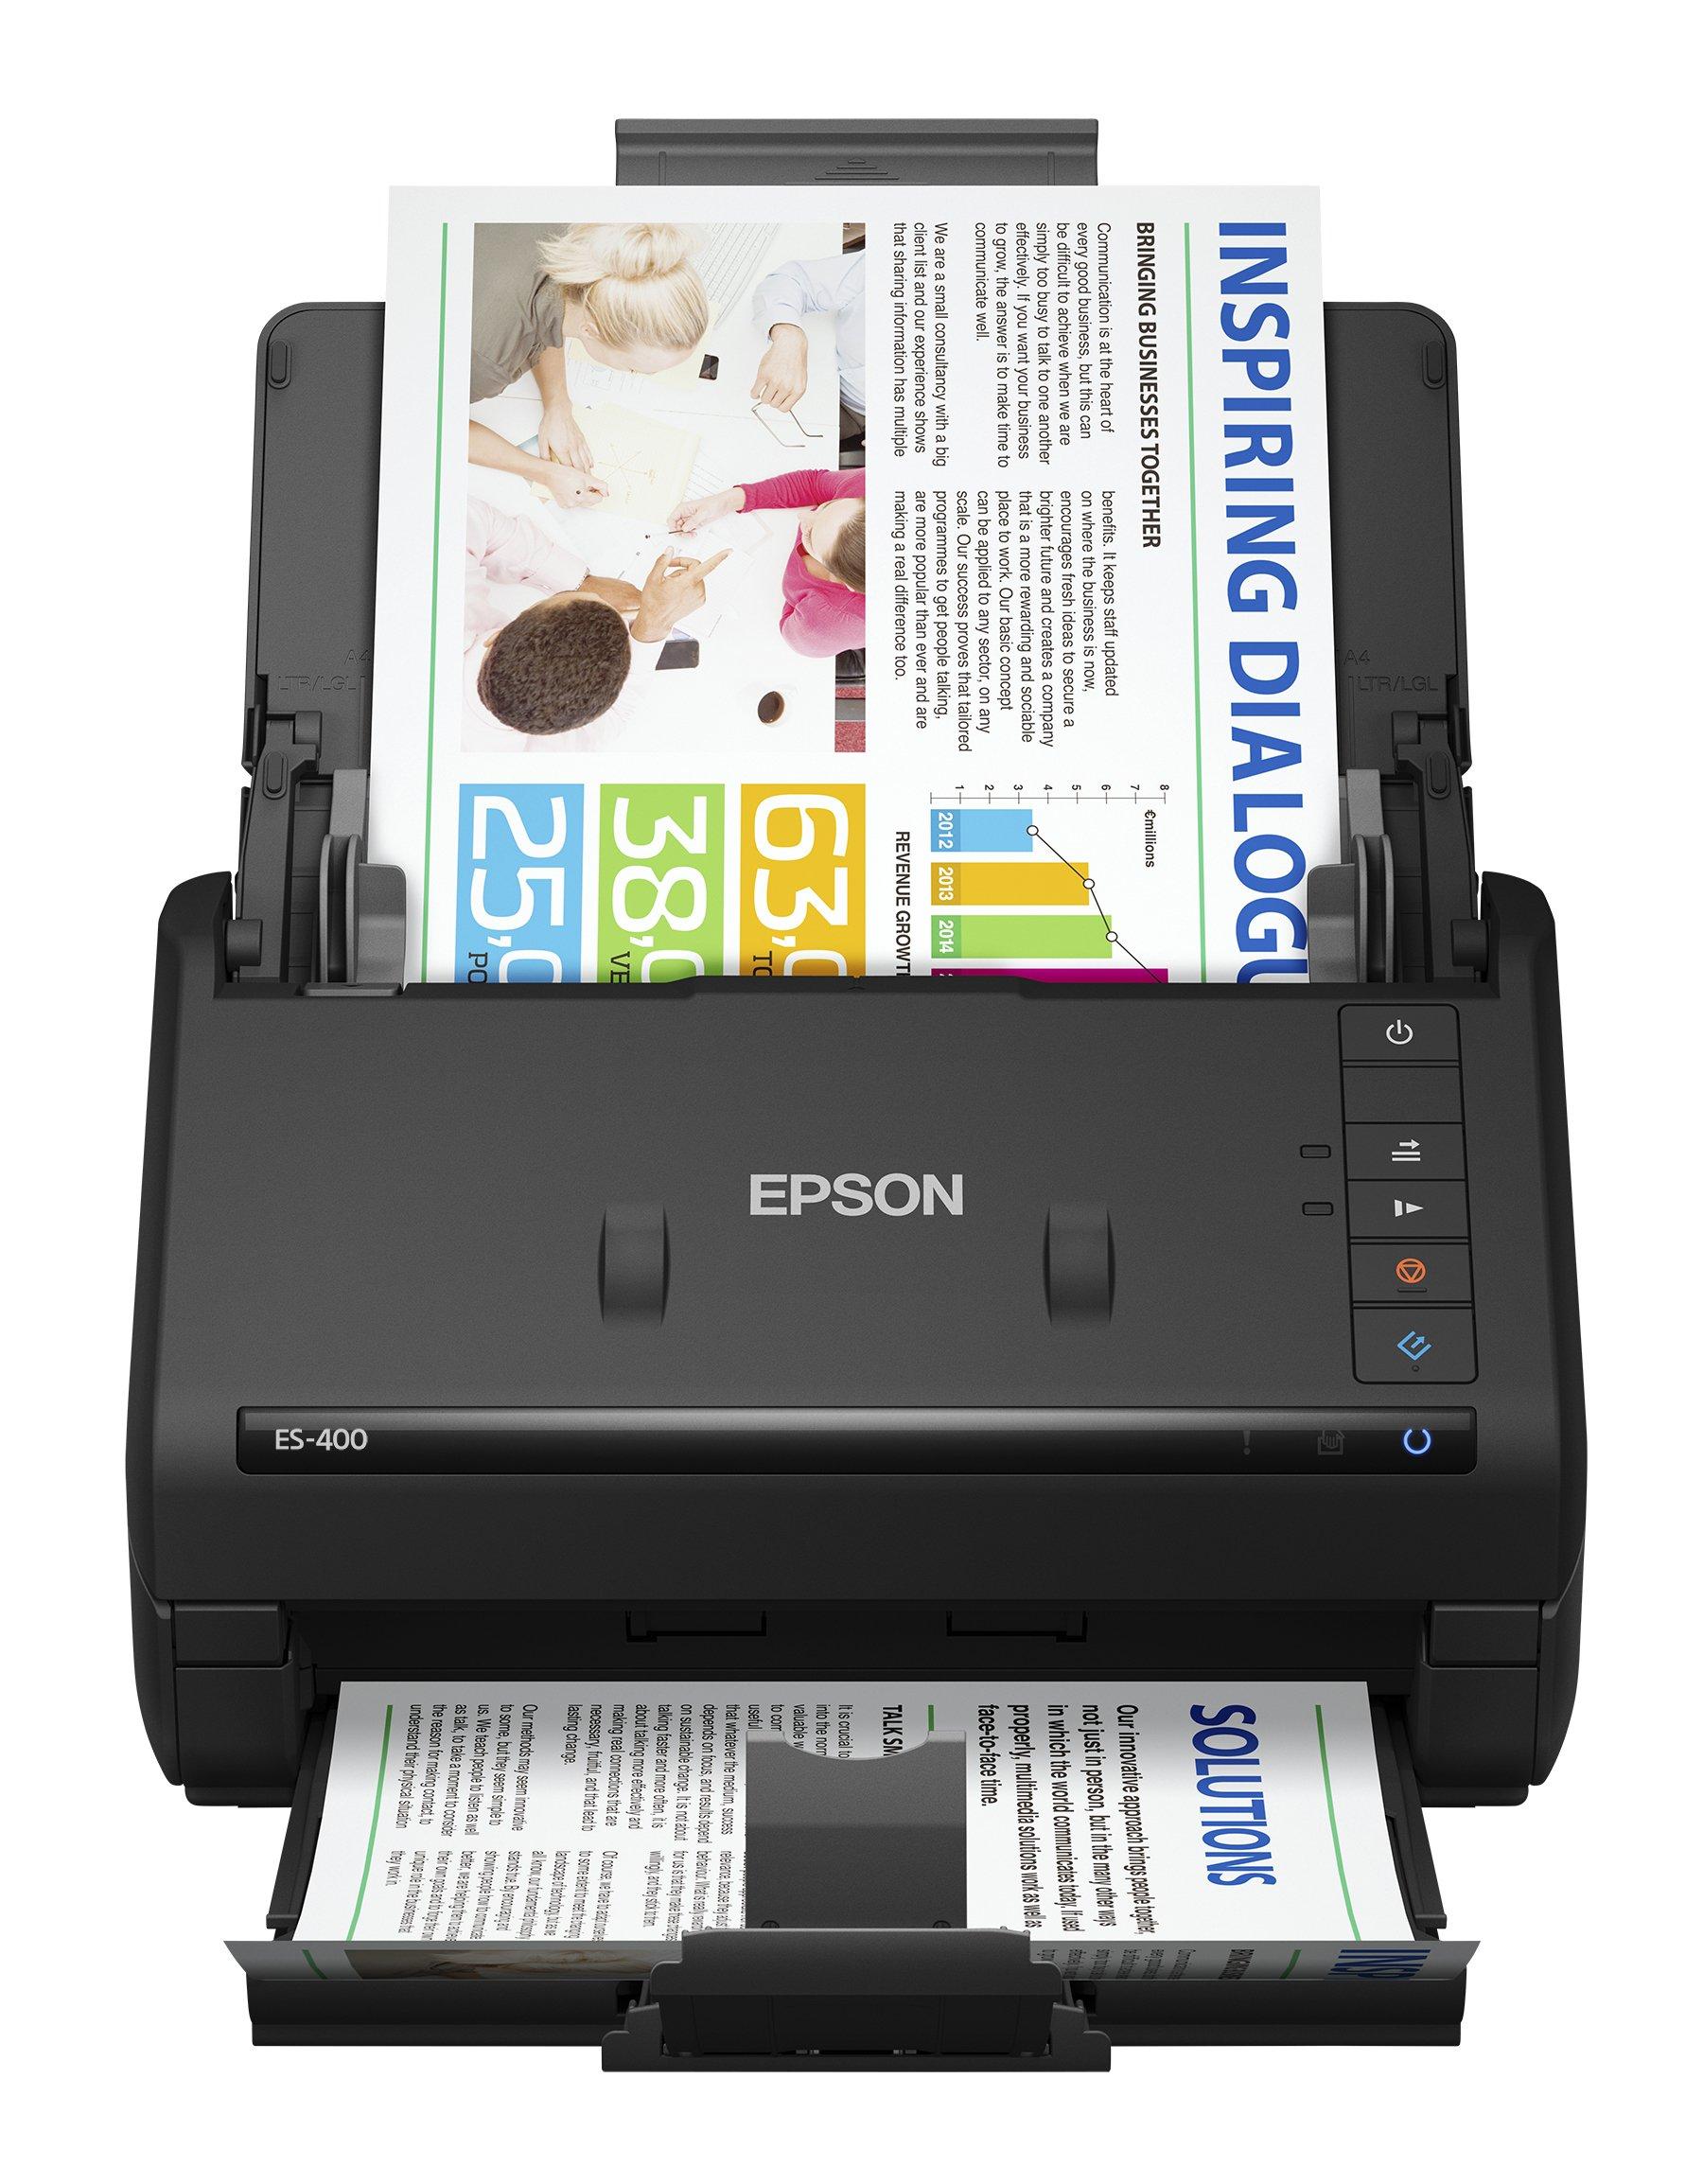 Epson WorkForce ES 400 Document Scanner